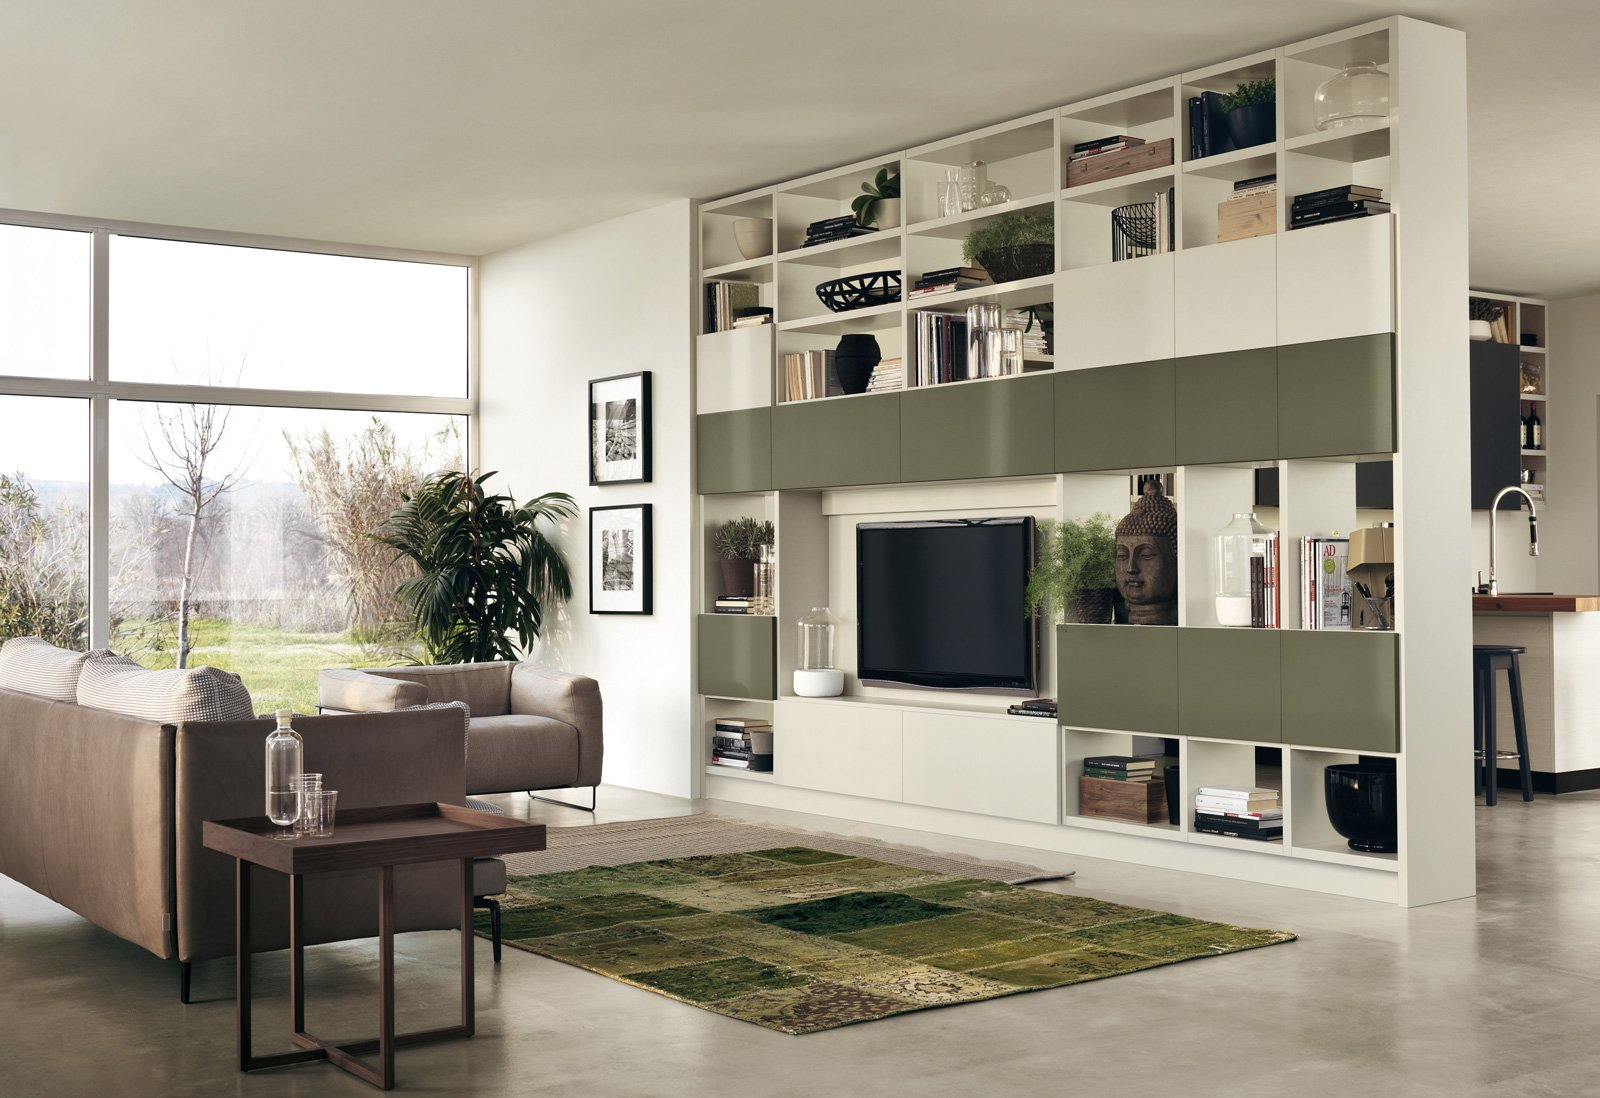 Librerie pareti attrezzate multifunzione cose di casa for Elementi divisori per interni